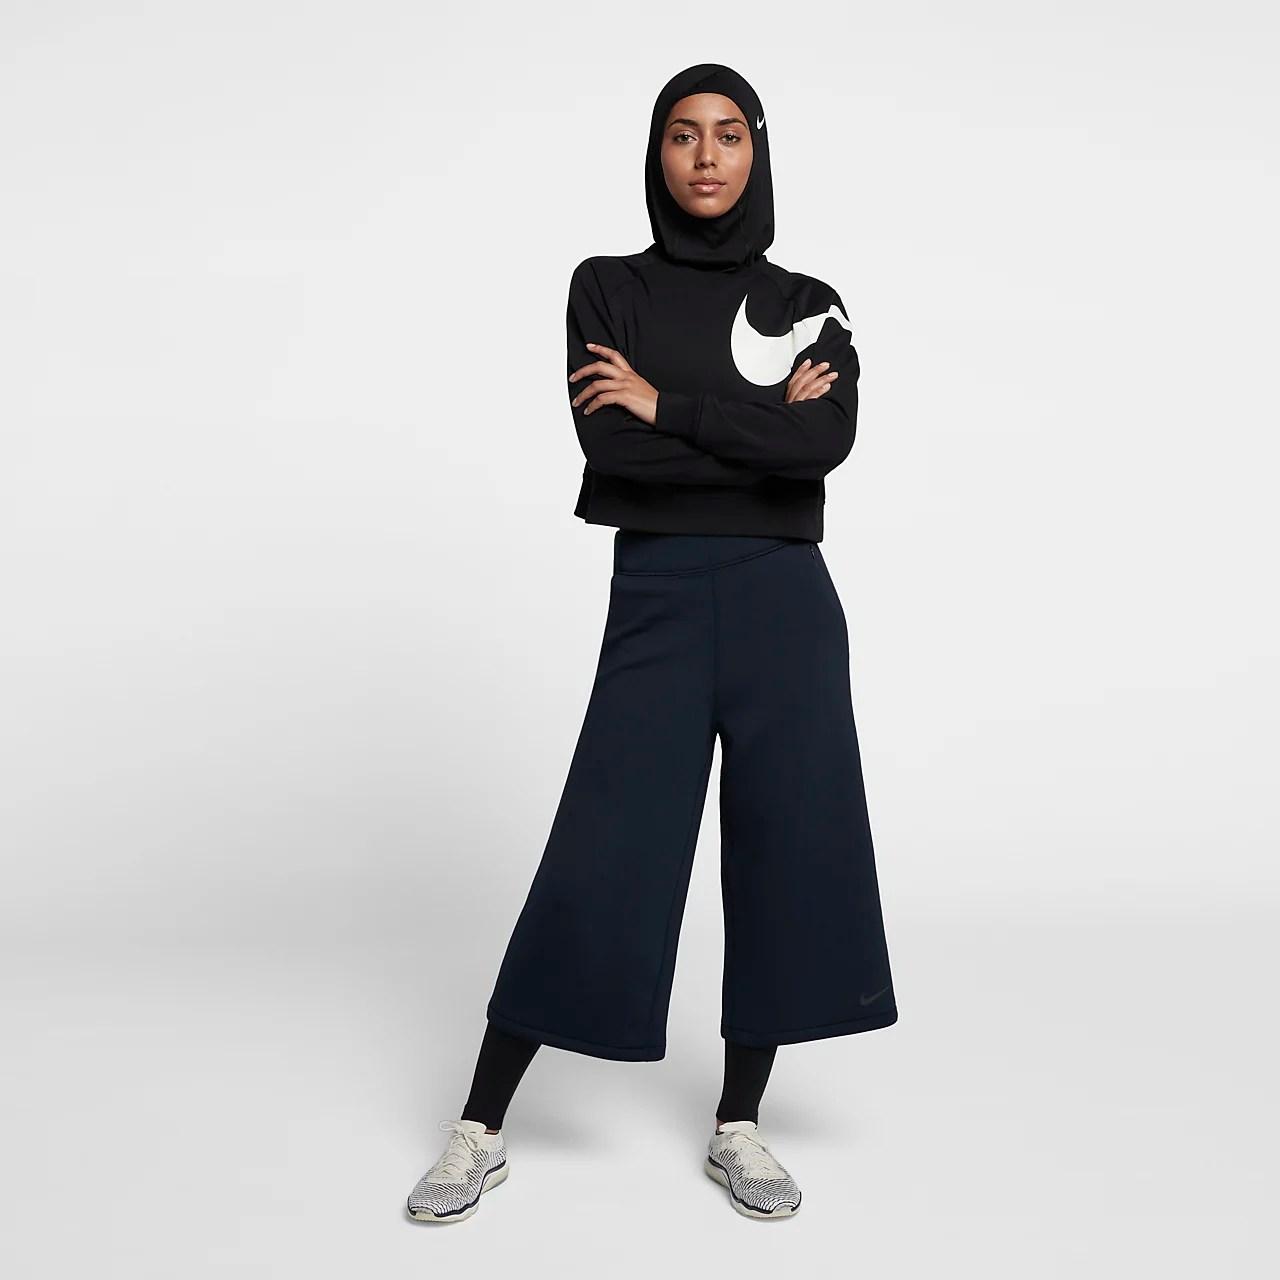 Personaggi ponte sono anche i copricapi, siano essi maccaturi, o hijab,. Hijab Nike Pro Donna Nike It